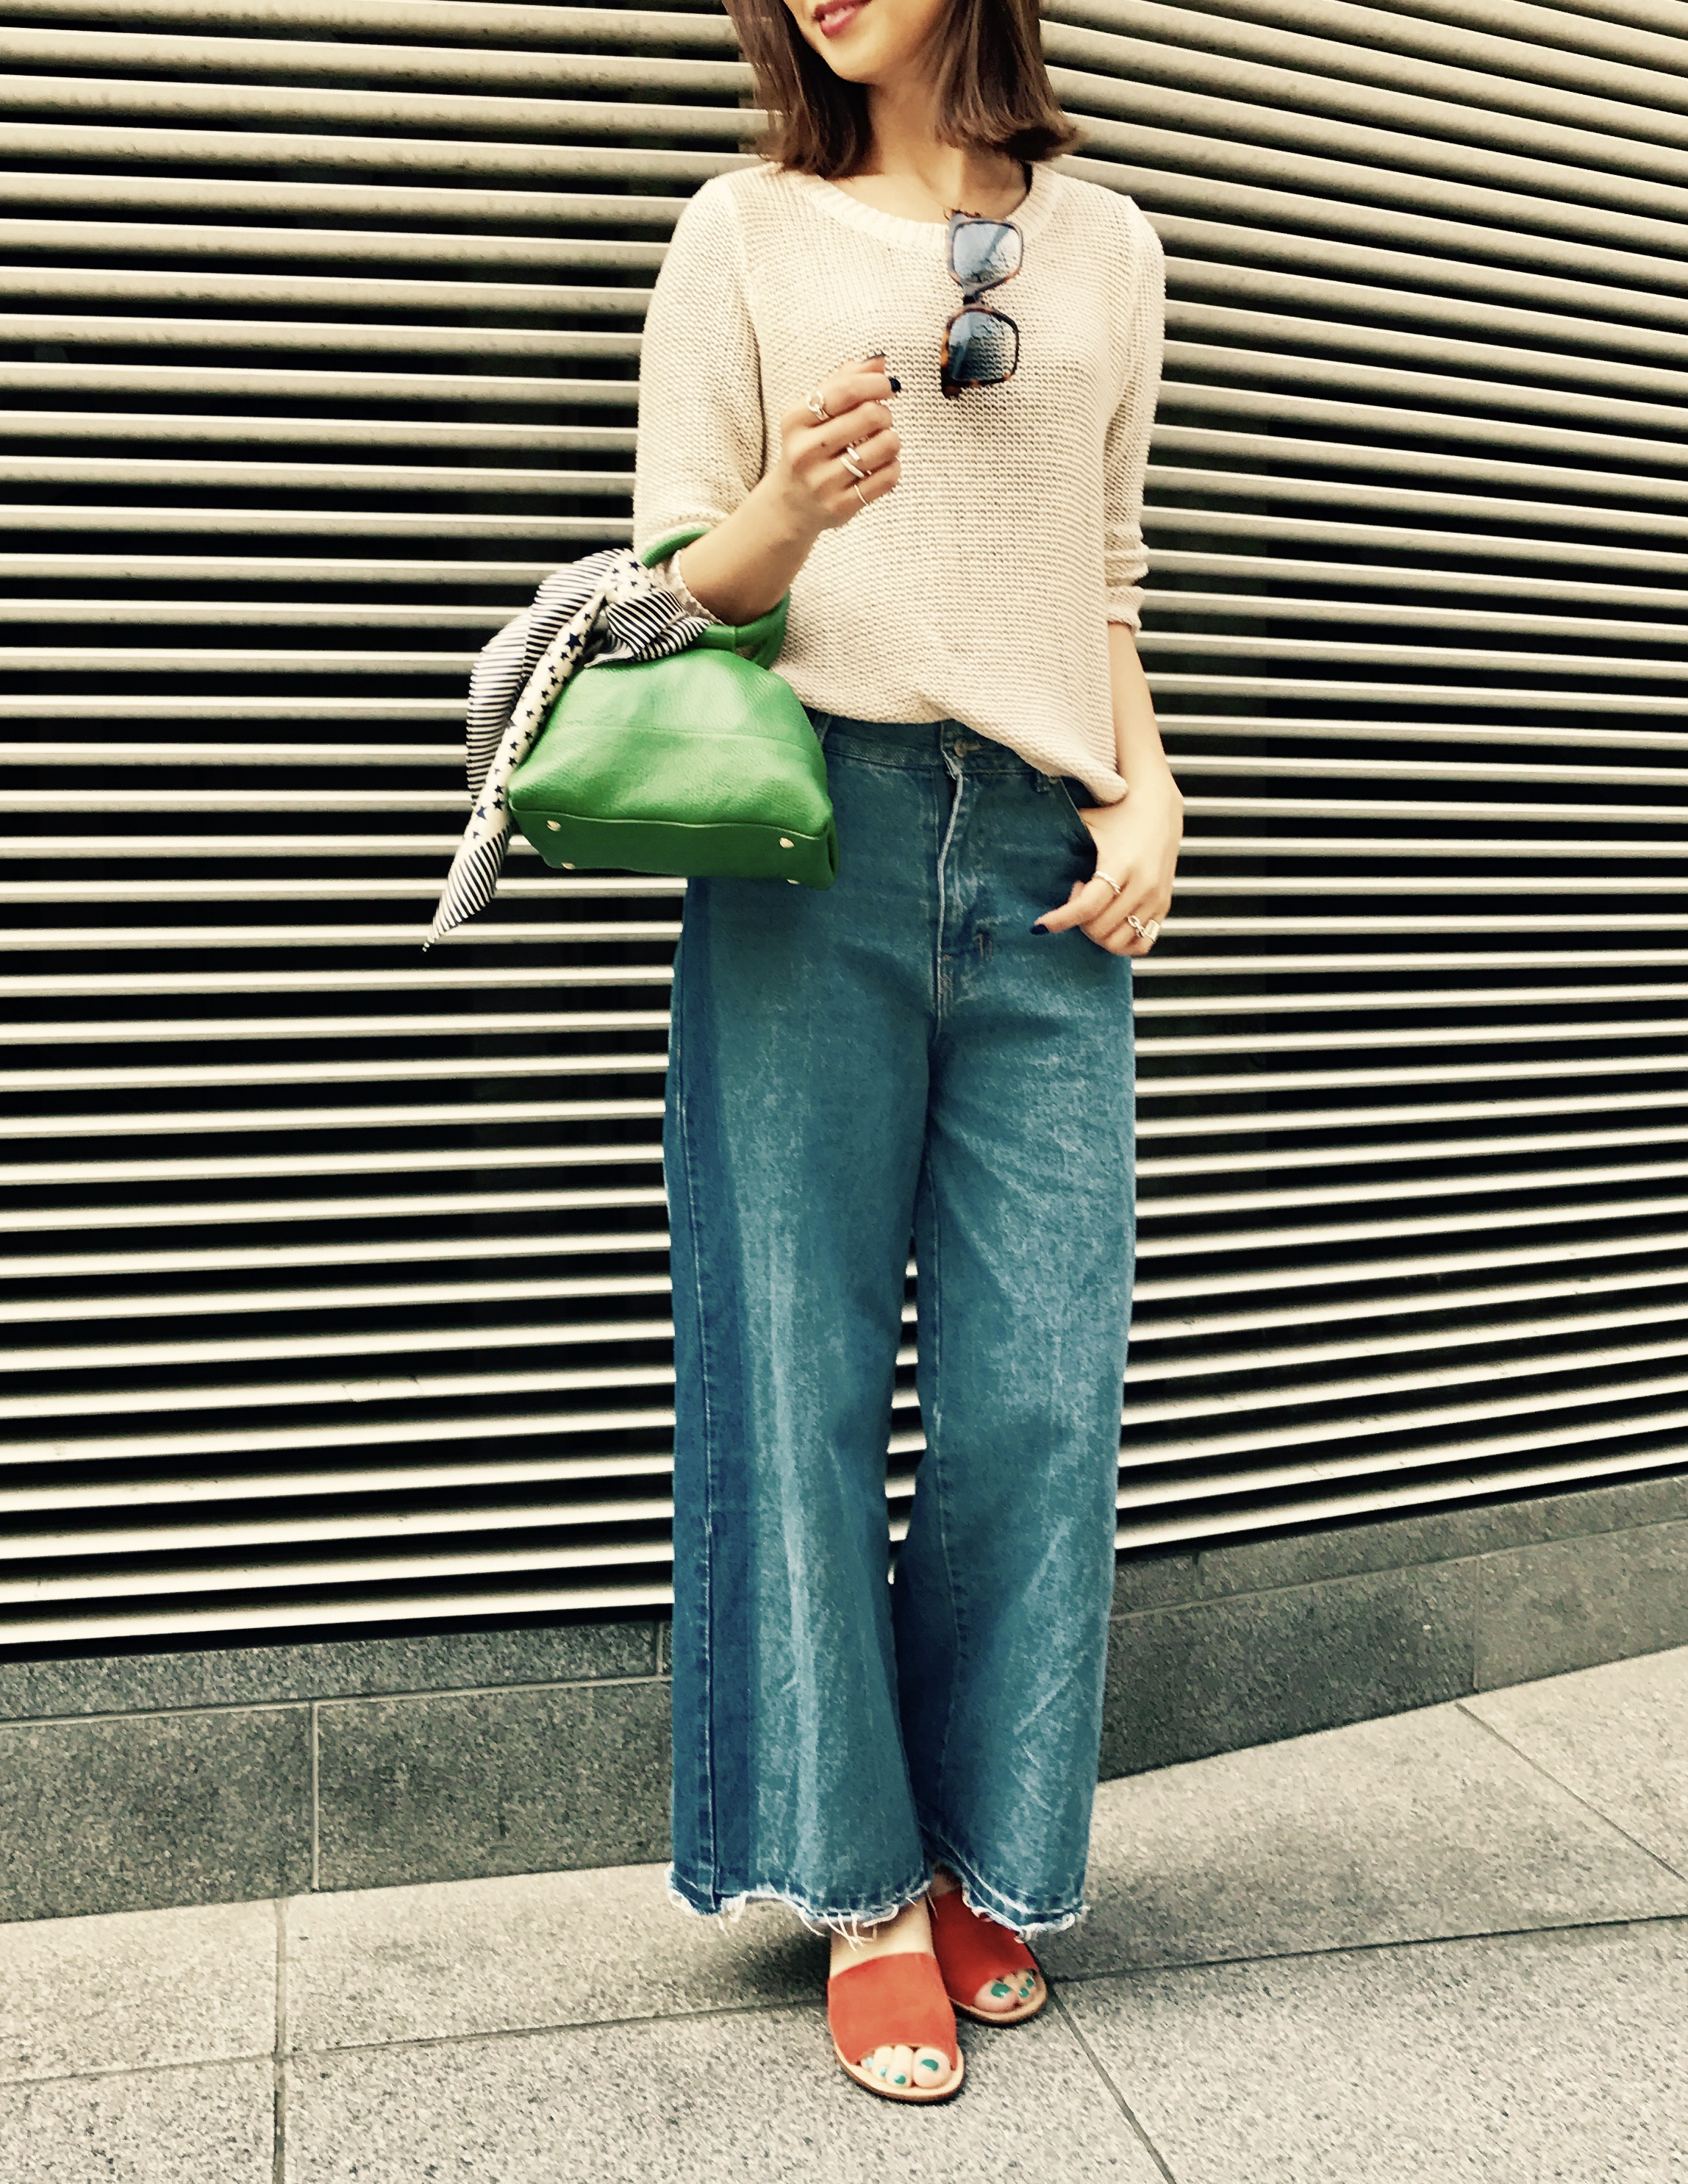 SiMaBianca Milano イタリア製 Scrap Book シーマビアンカ スクラップブック 有楽町マルイ 銀座 牛革 2wayshoulder bag 斜め掛けショルダー レザーバッグ ミニバッグ 可愛い グリーン 軽い マチ大きめ